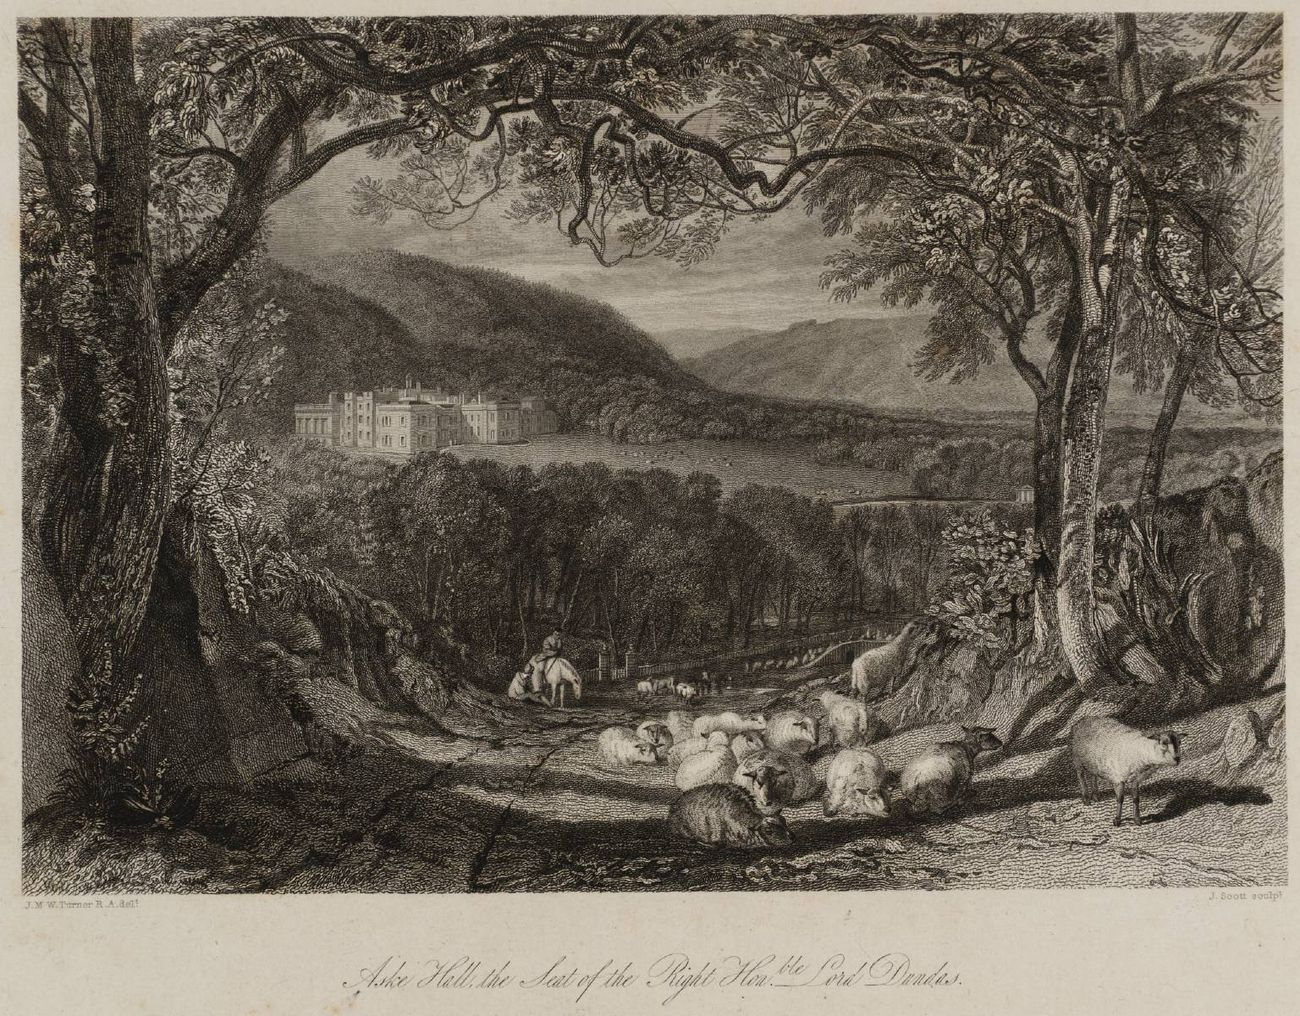 William Turner, dalla serie Aske Hall, 1820